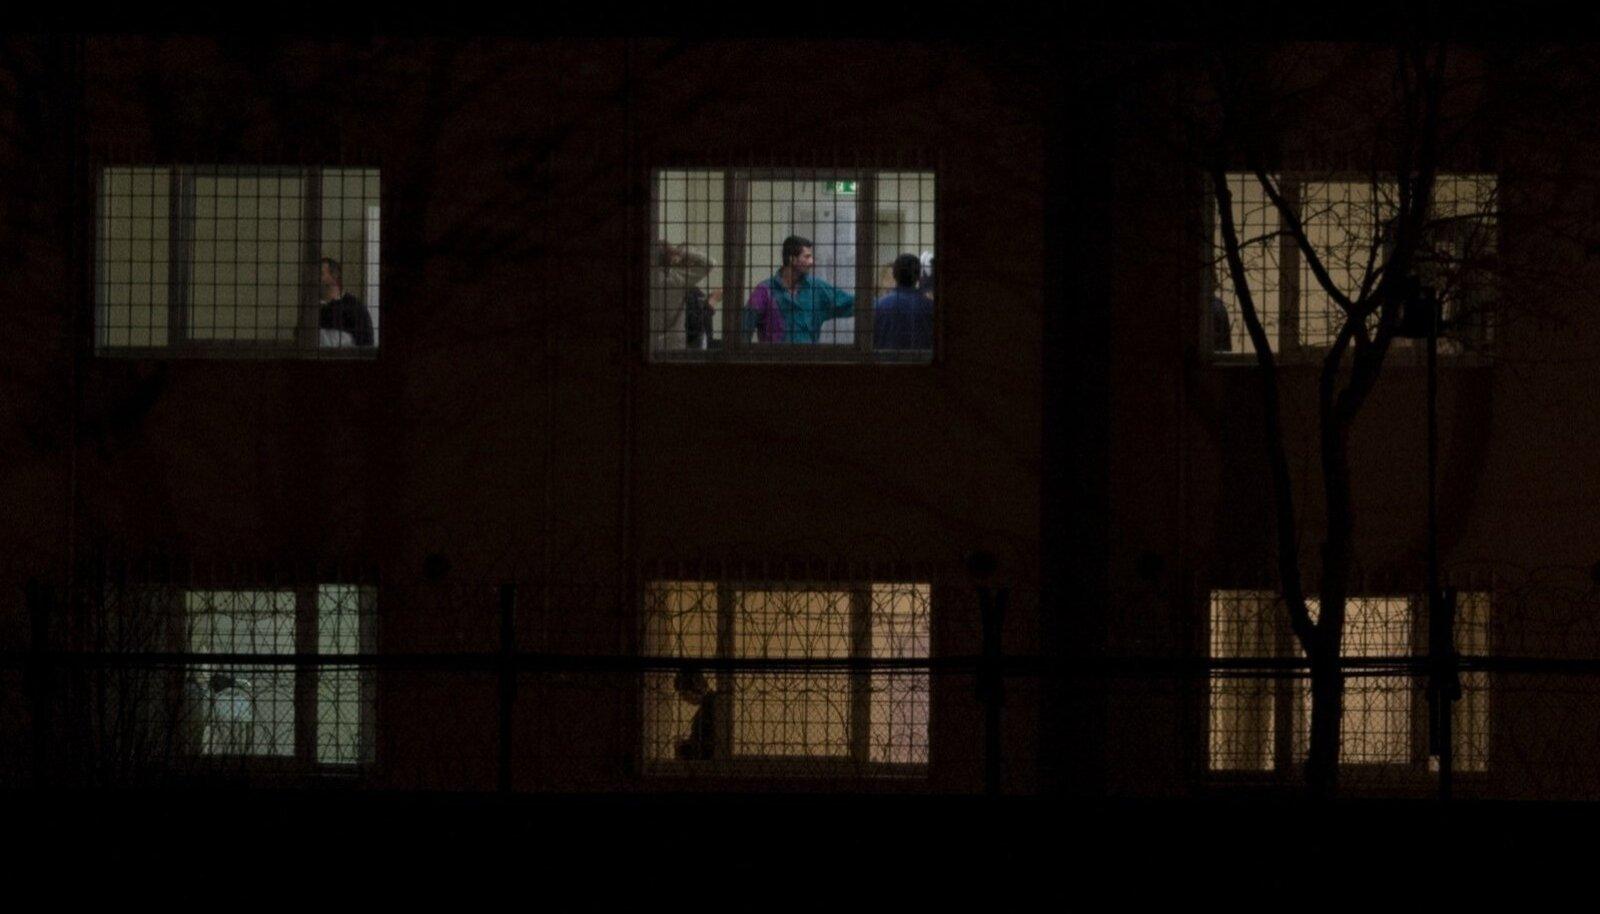 SUNNIVIISILINE KODU: Viimased seitse kuud on ta istunud Harku kinnipidamiskeskuses ja oodanud väljasaatmist Venemaale.